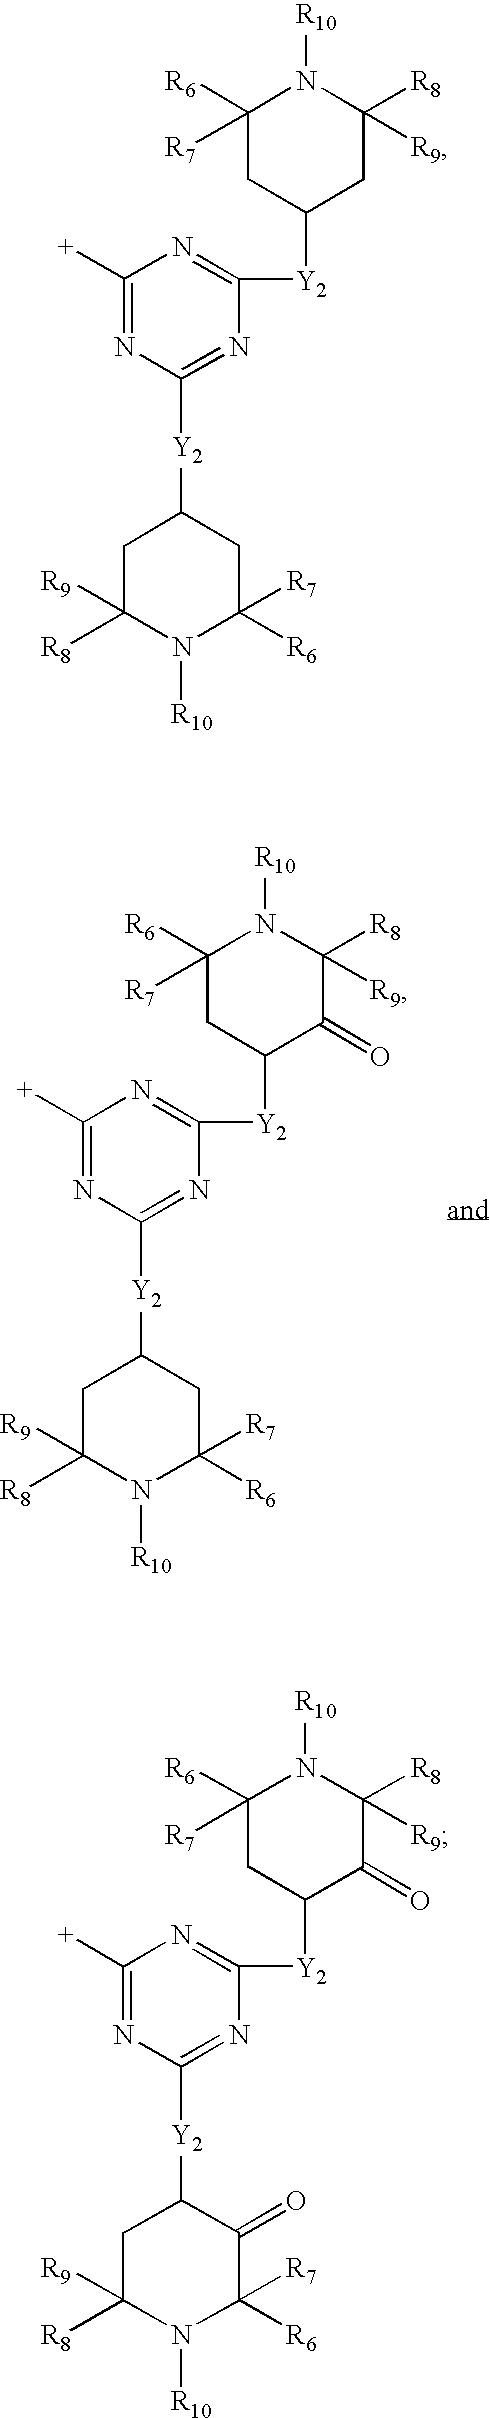 Figure US20050288400A1-20051229-C00028